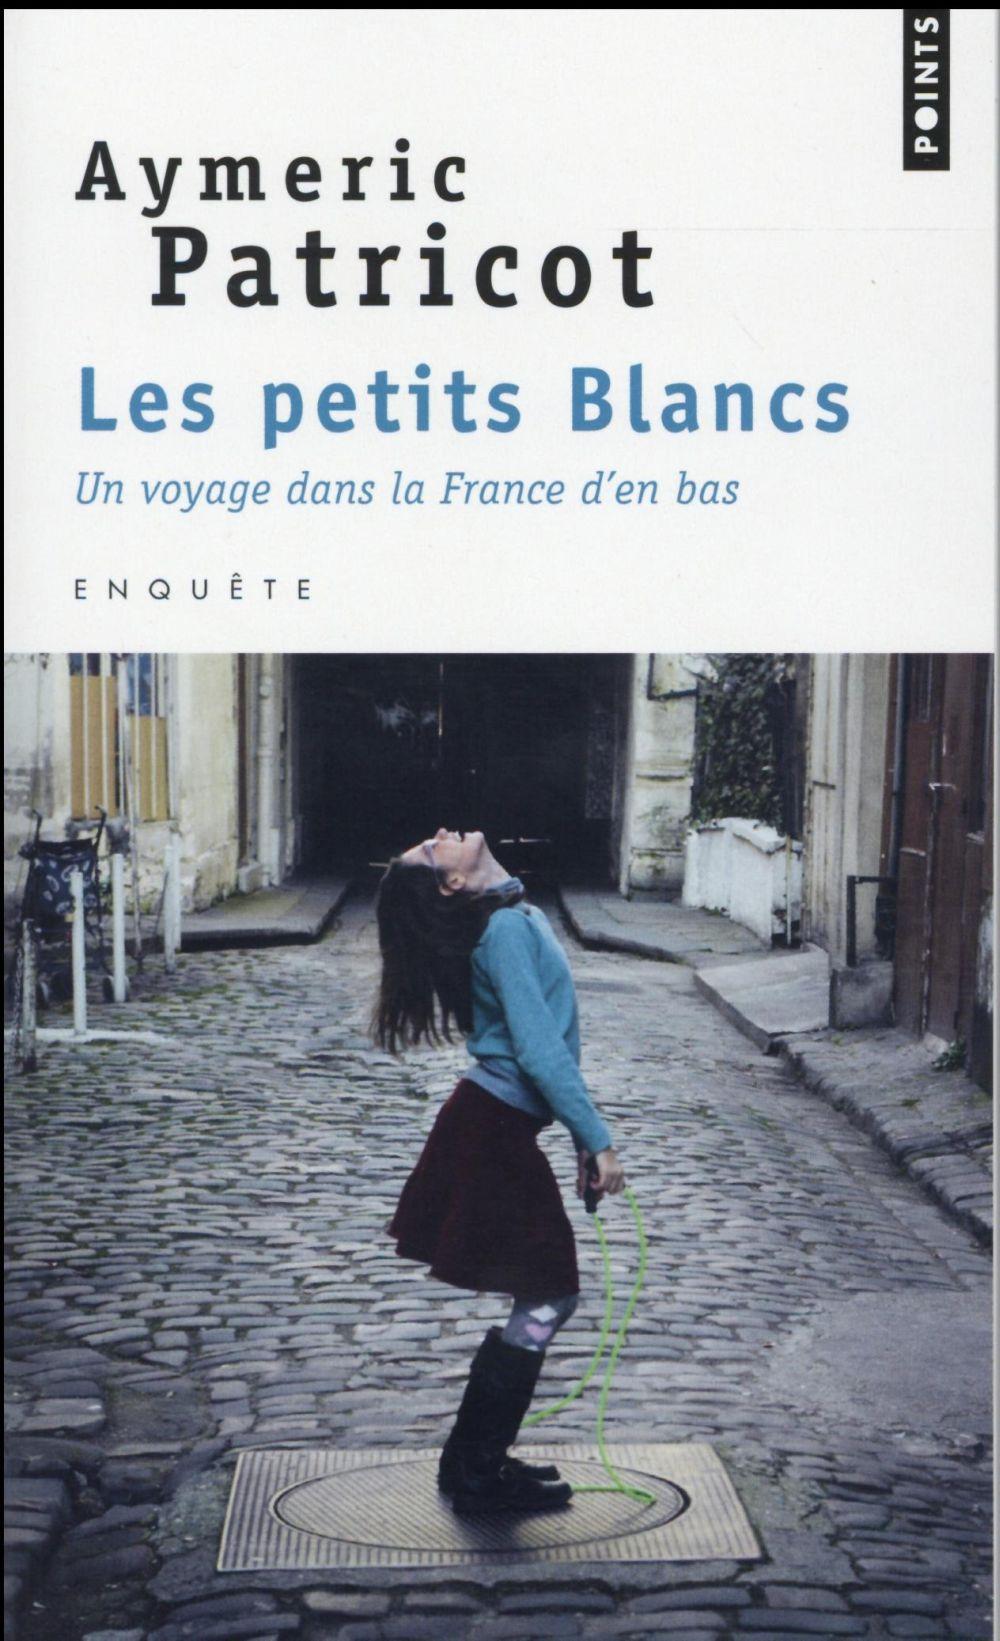 LES PETITS BLANCS  -  UN VOYAGE DANS LA FRANCE D'EN BAS Patricot Aymeric Points